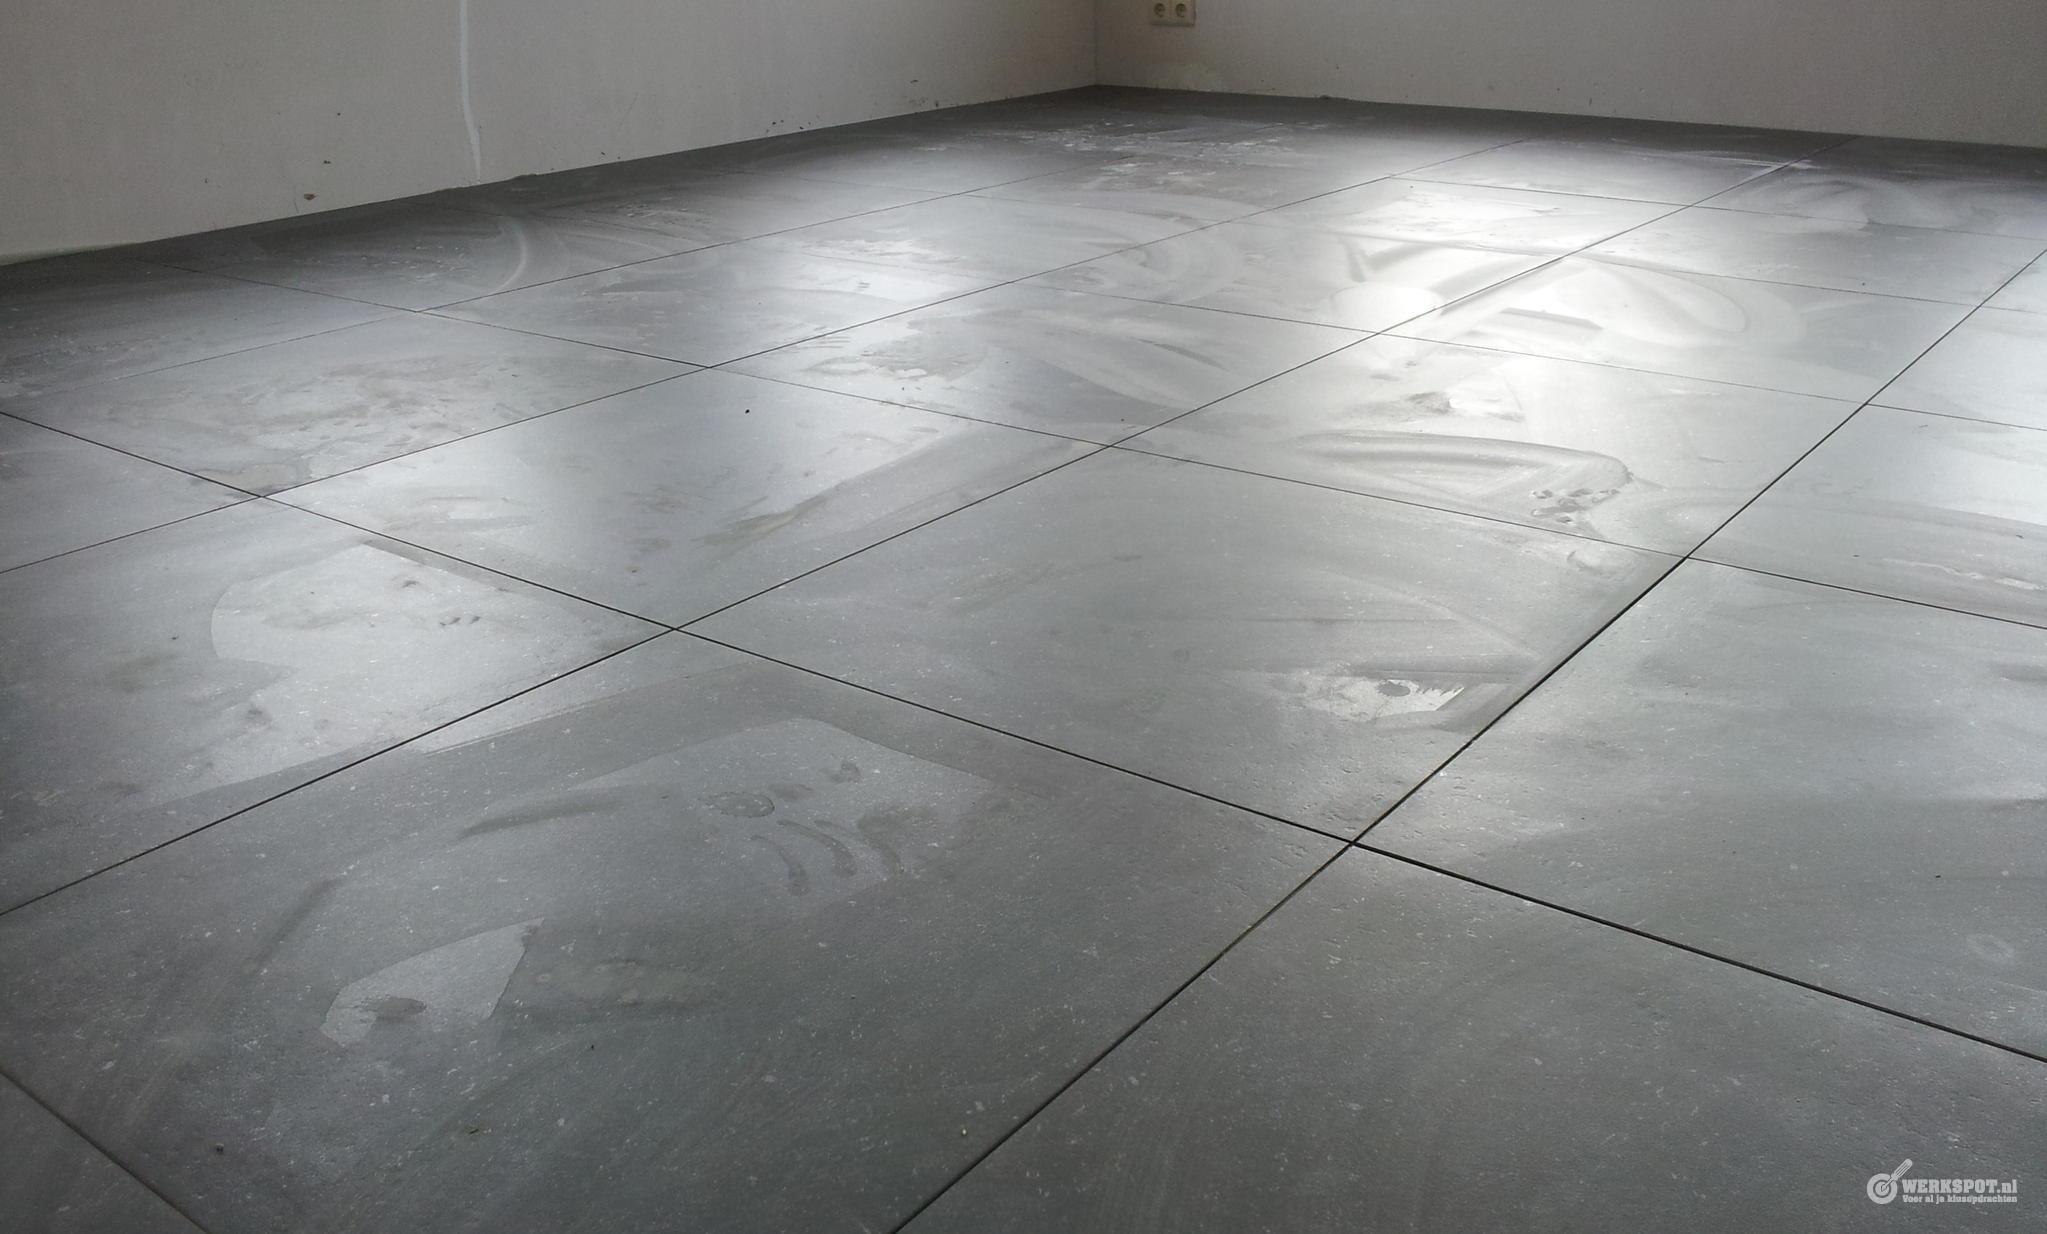 keuken tegels zonder voeg : 115 M2 Keramische Tegels Nabij Assen Werkspot